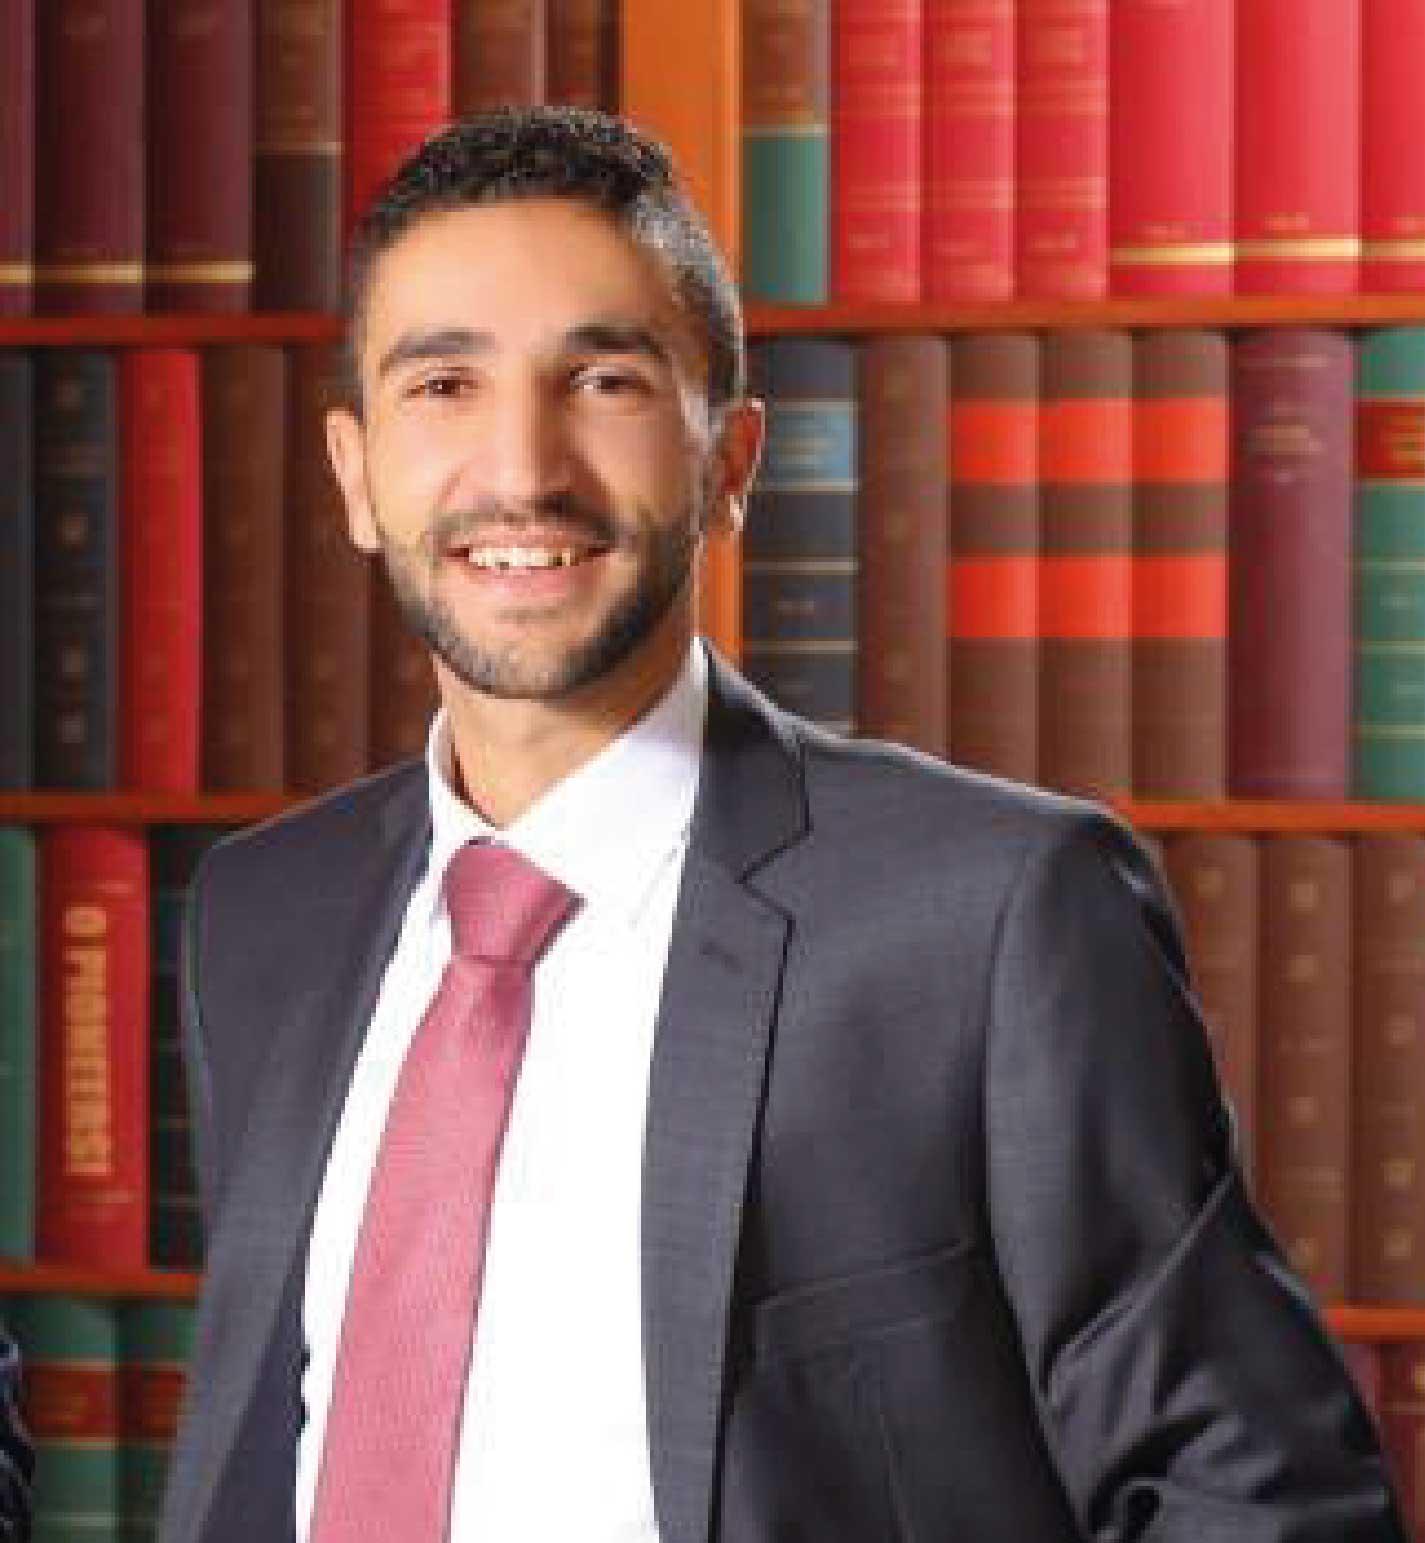 Eng. Khaled Al Omari